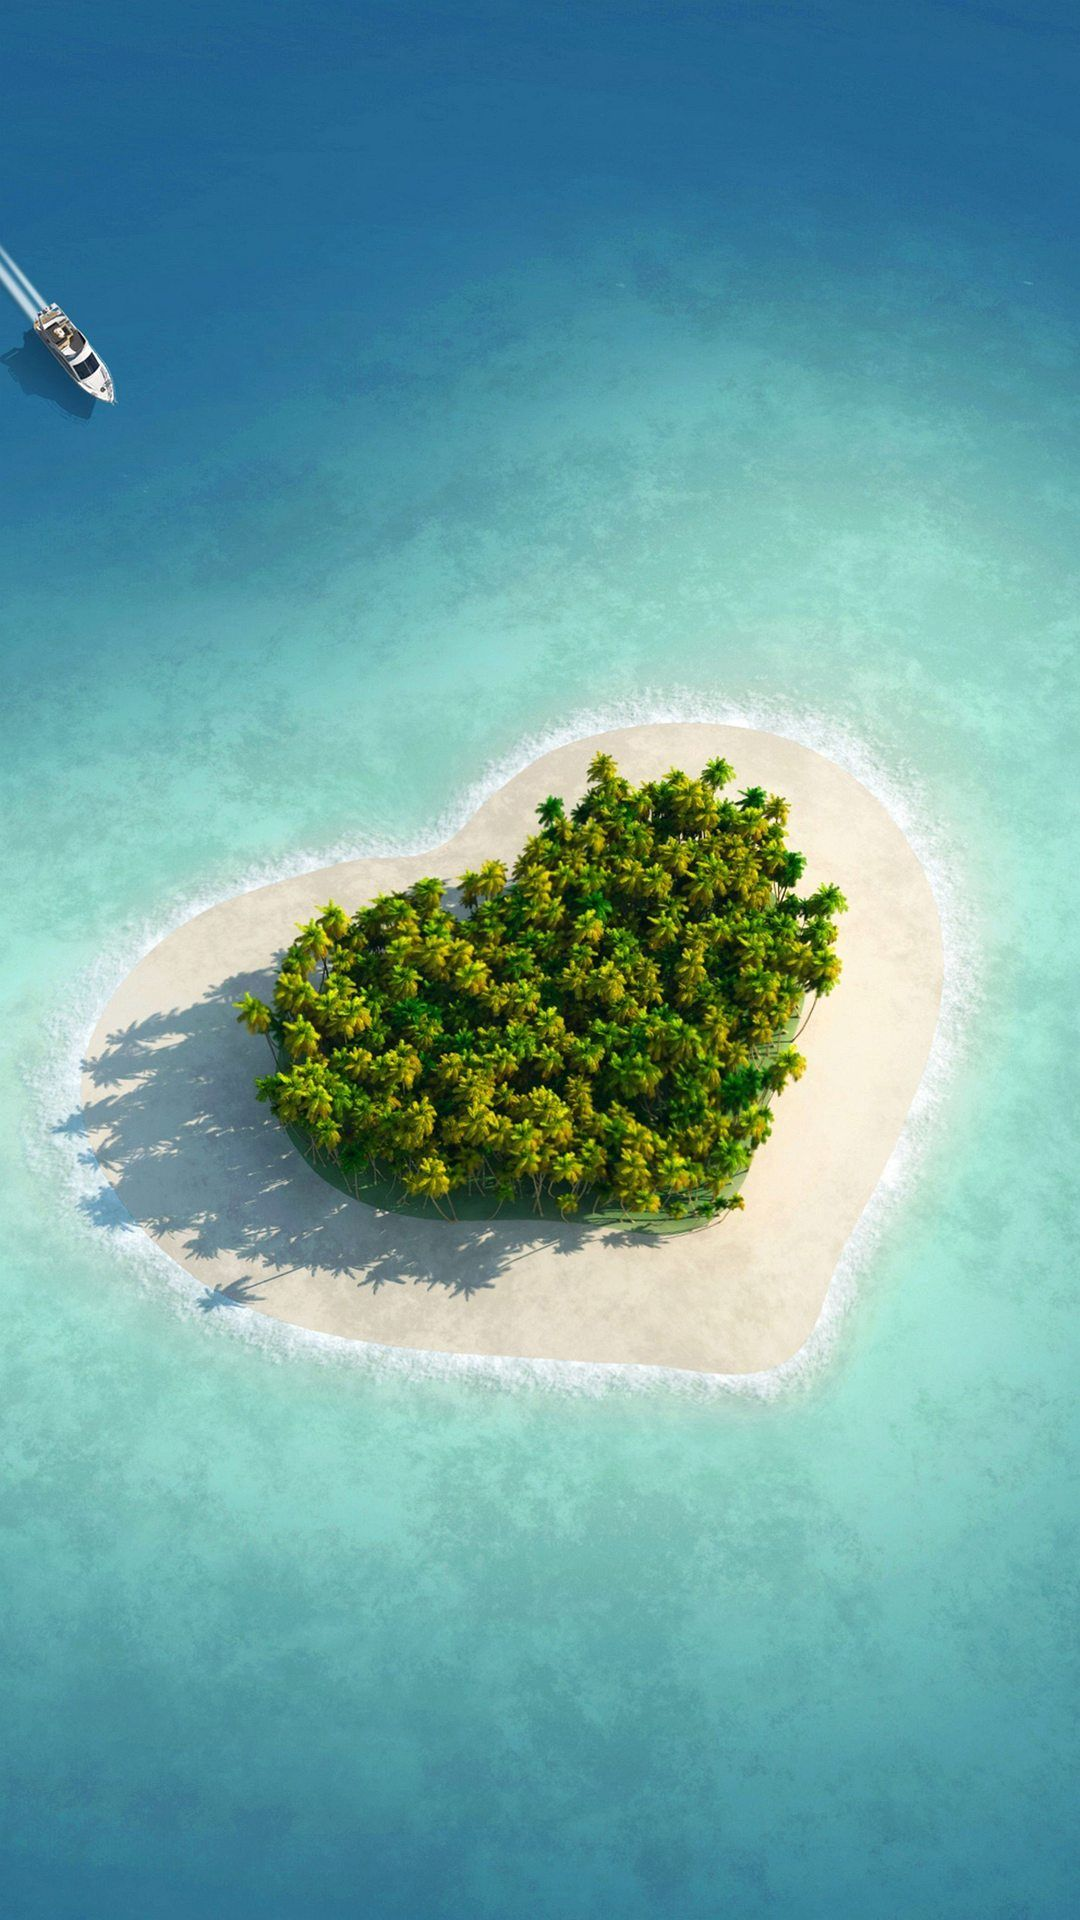 ハート型の綺麗な小さな島 ビーチの壁紙 美しい場所 綺麗な海